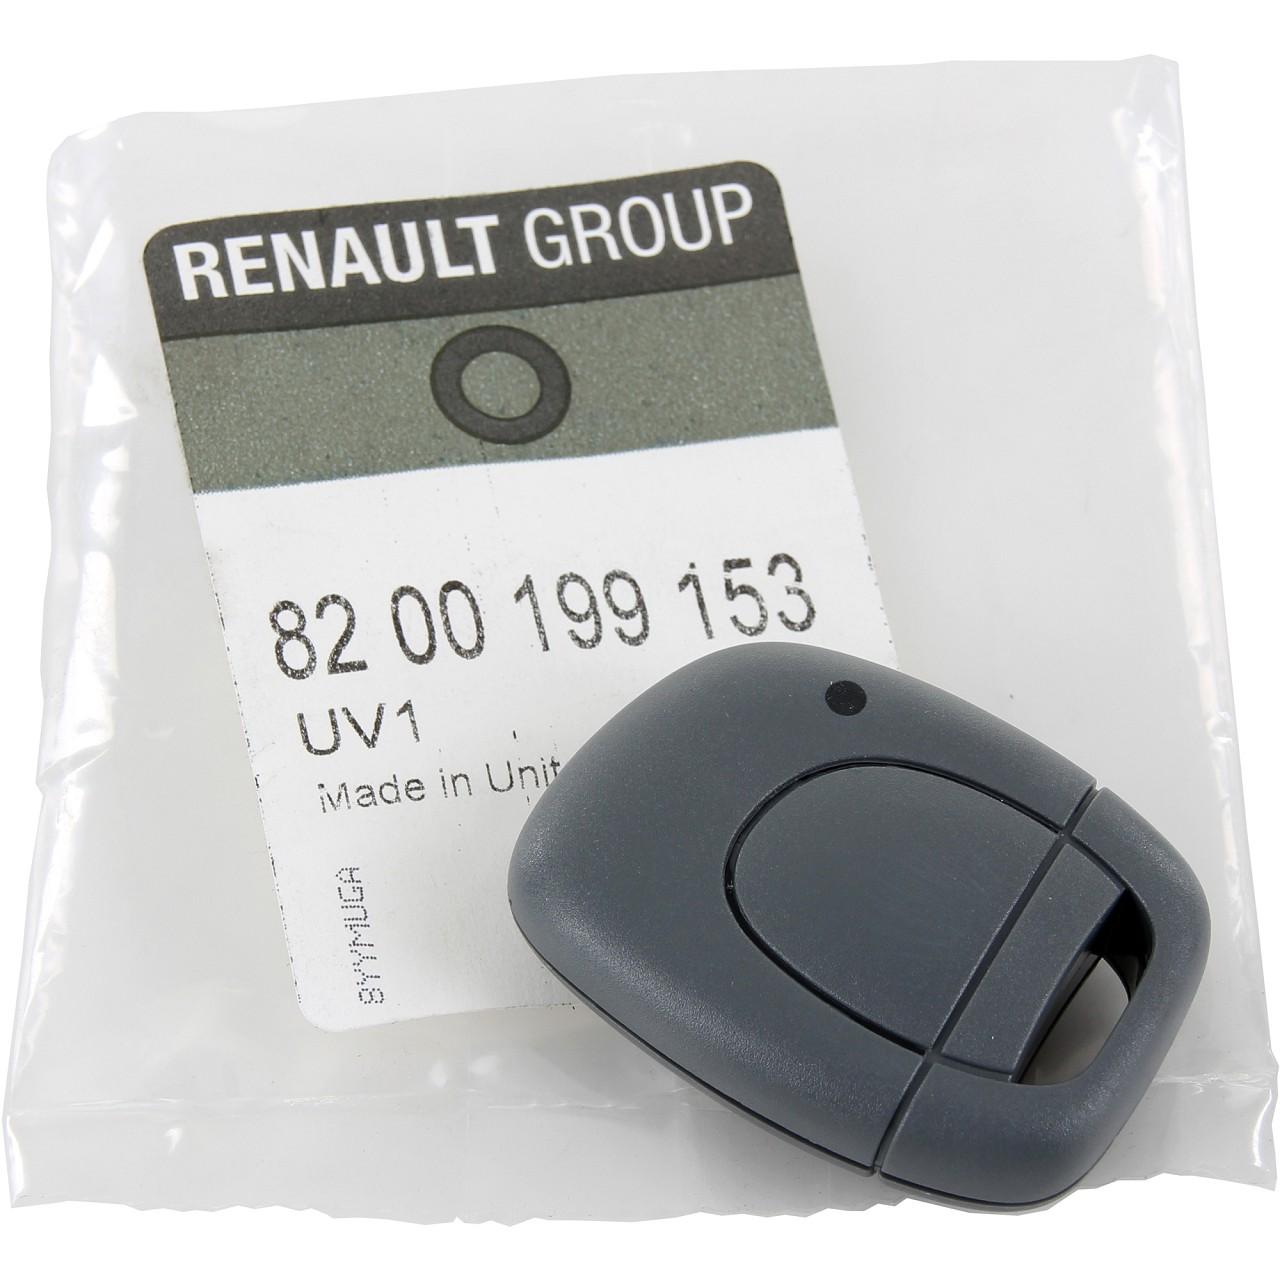 ORIGINAL Renault Sender Funkfernbedienung Fernbedienung TWINGO I 8200199153